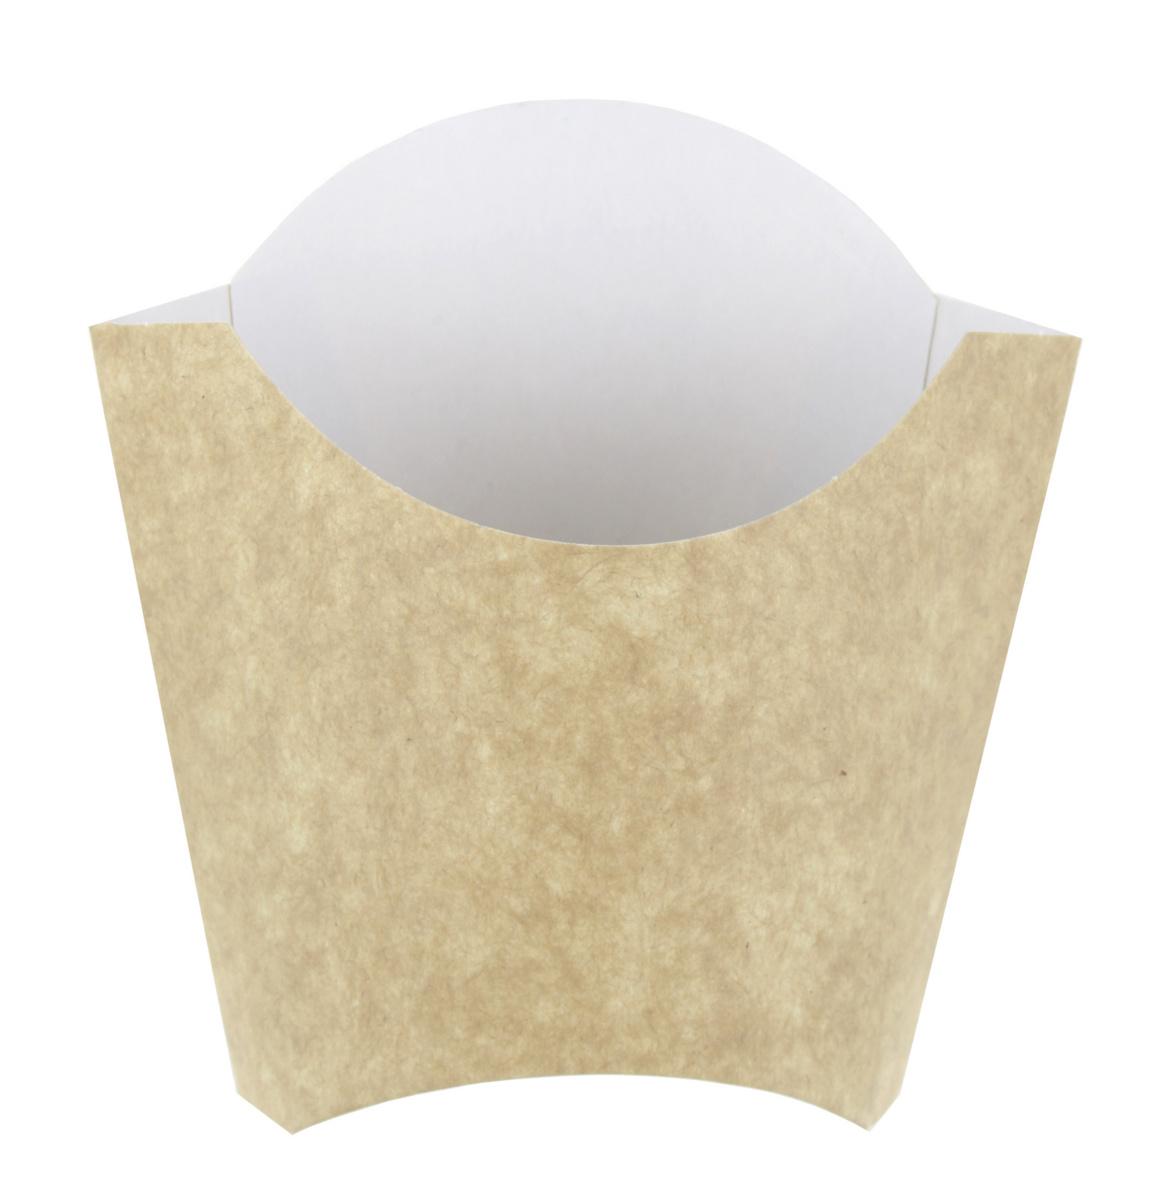 Pochette à frites beige Ø 13,50 cm 45 cl Huhtamaki (100 pièces)